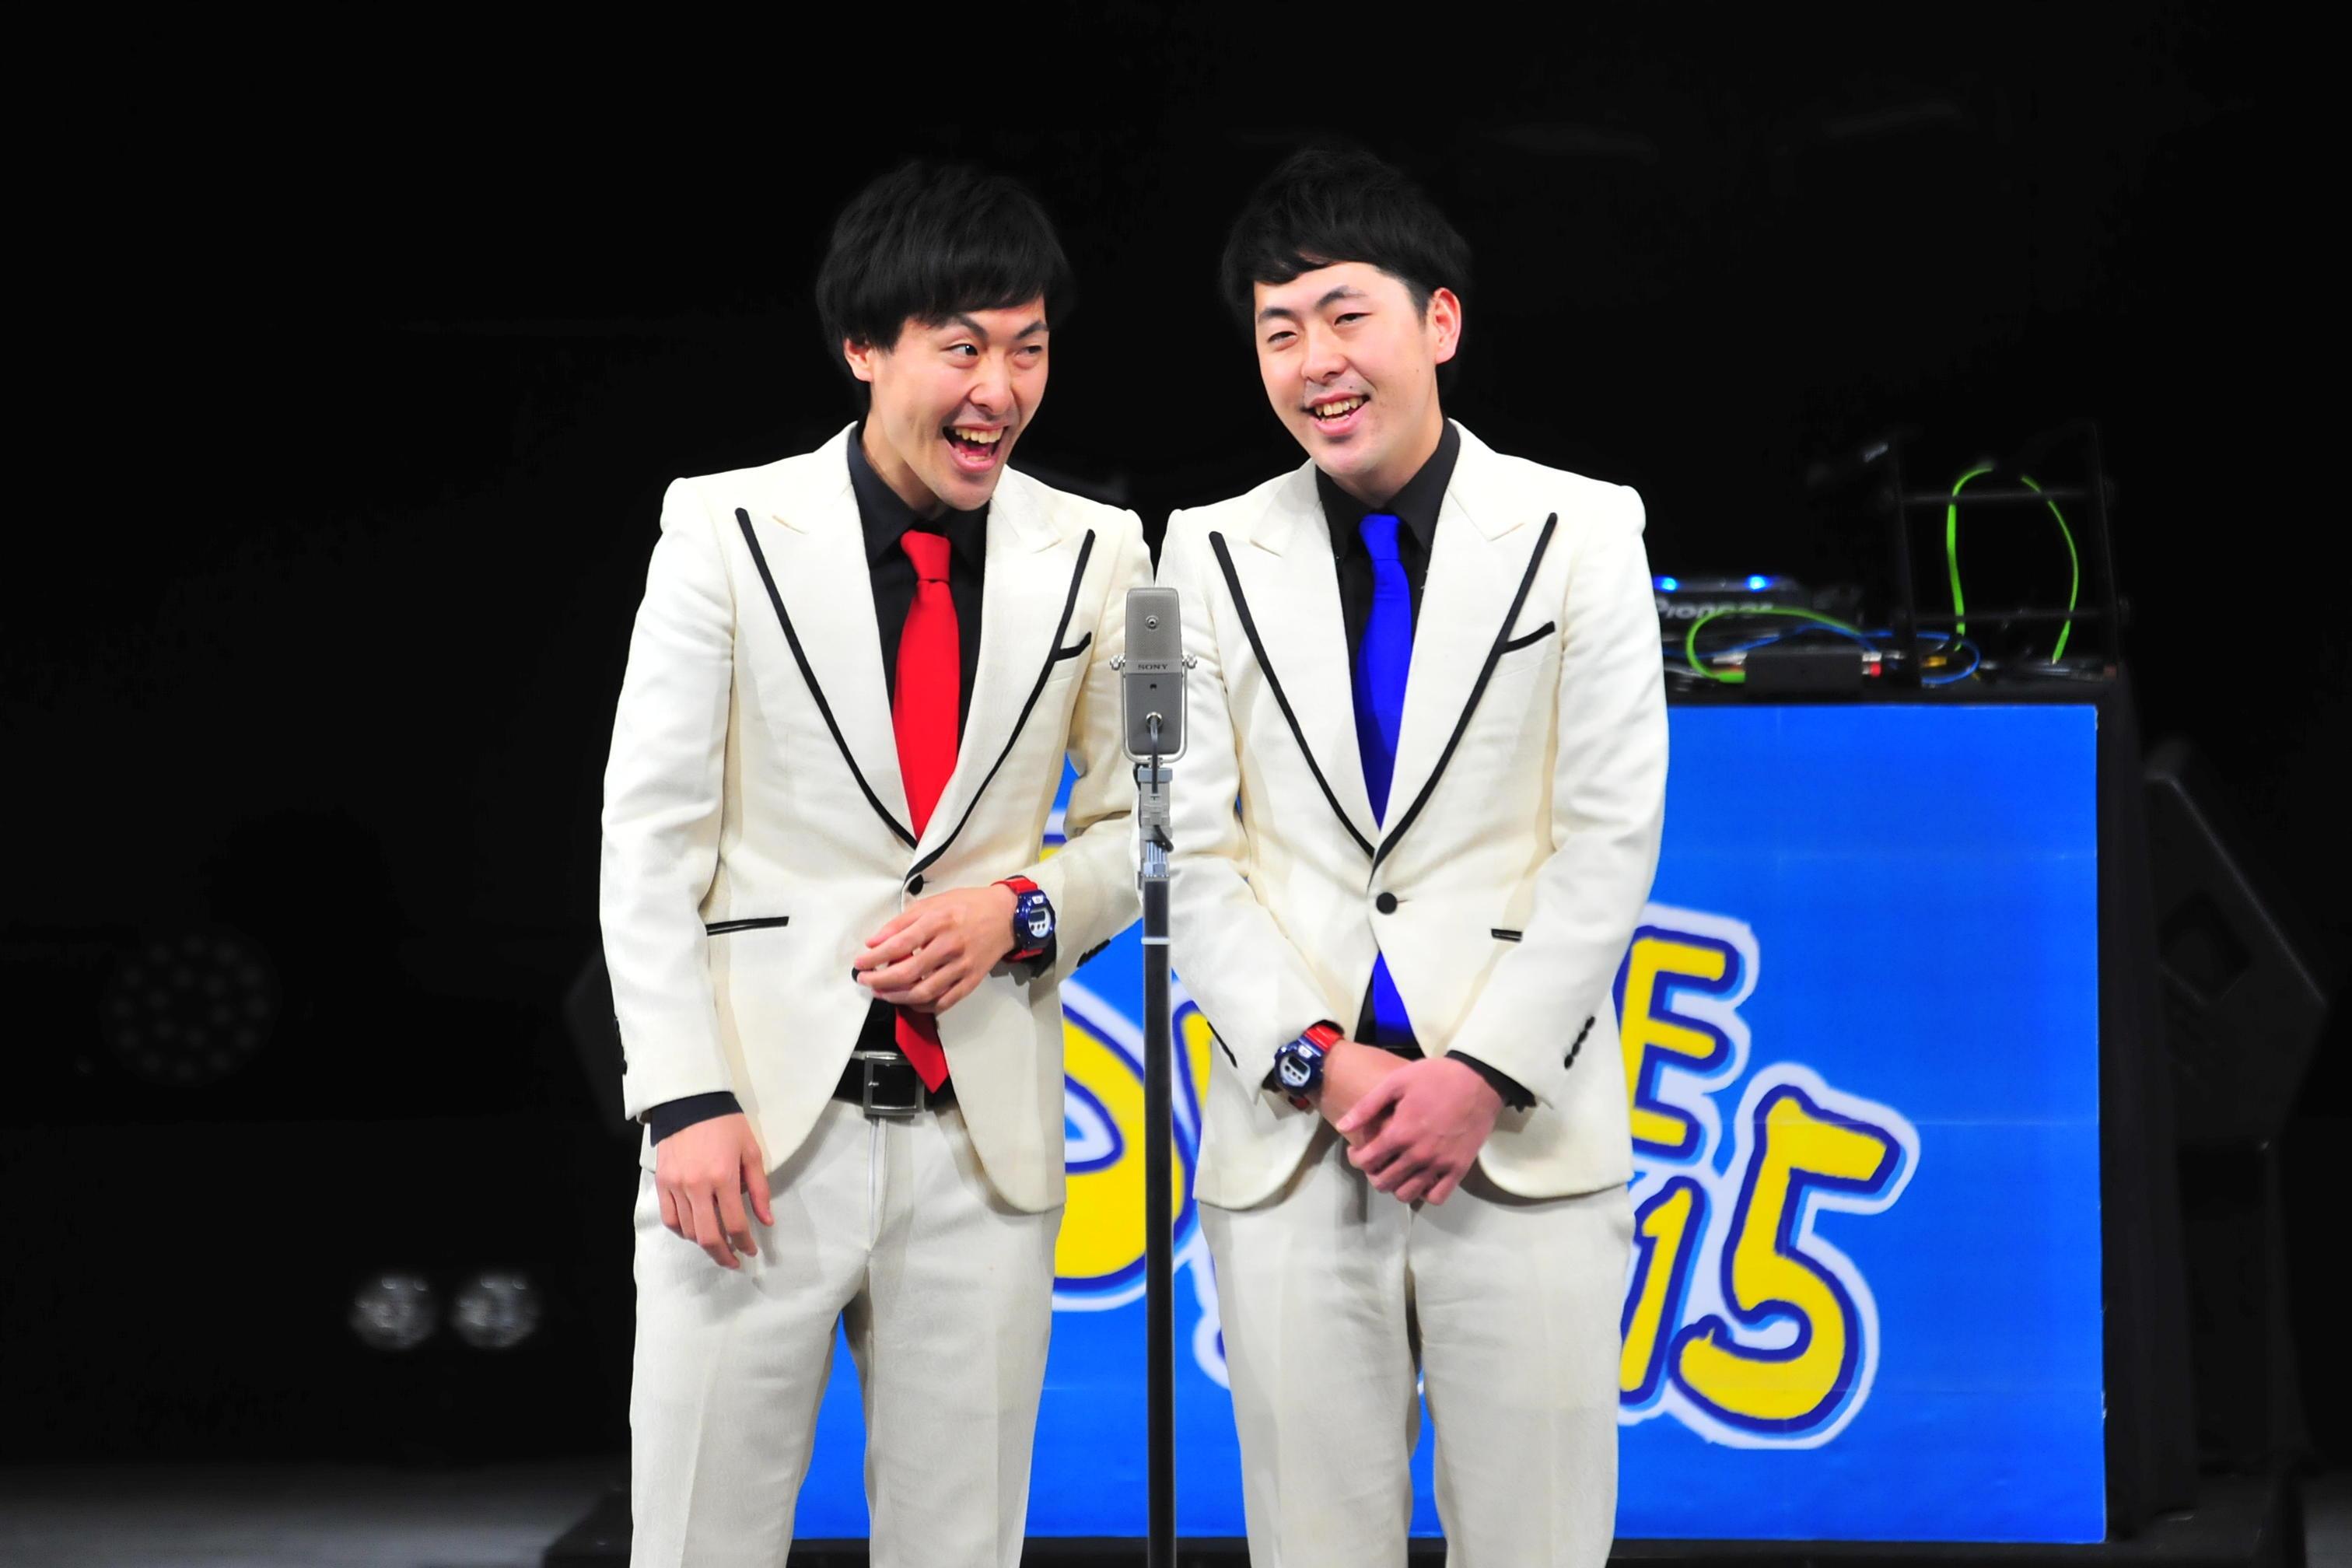 http://news.yoshimoto.co.jp/20151231142209-0185a8a3ae7ca9ed0914f05e2c30ed0f31da28a3.jpg